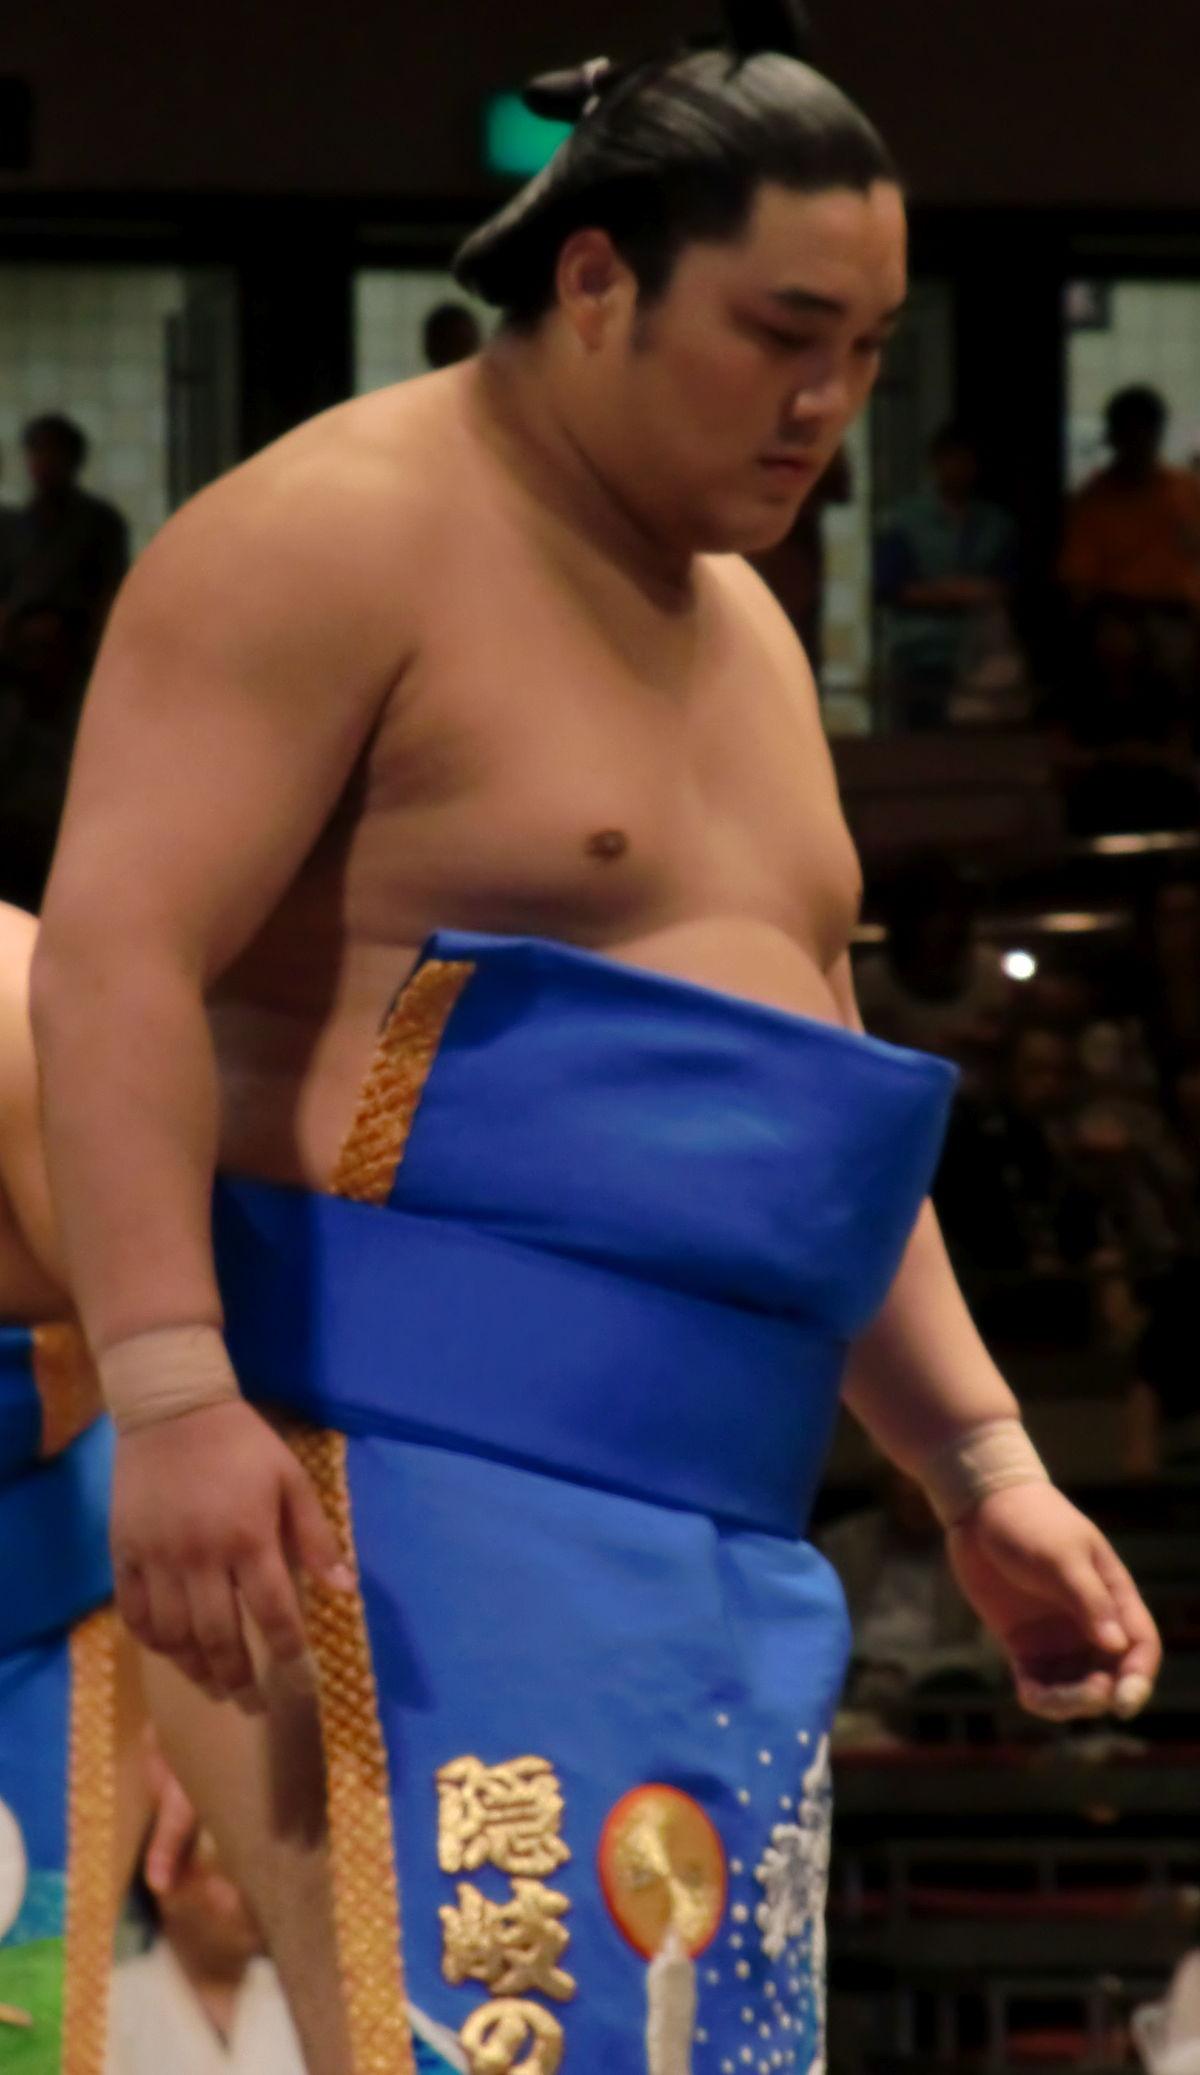 力士 イケメン